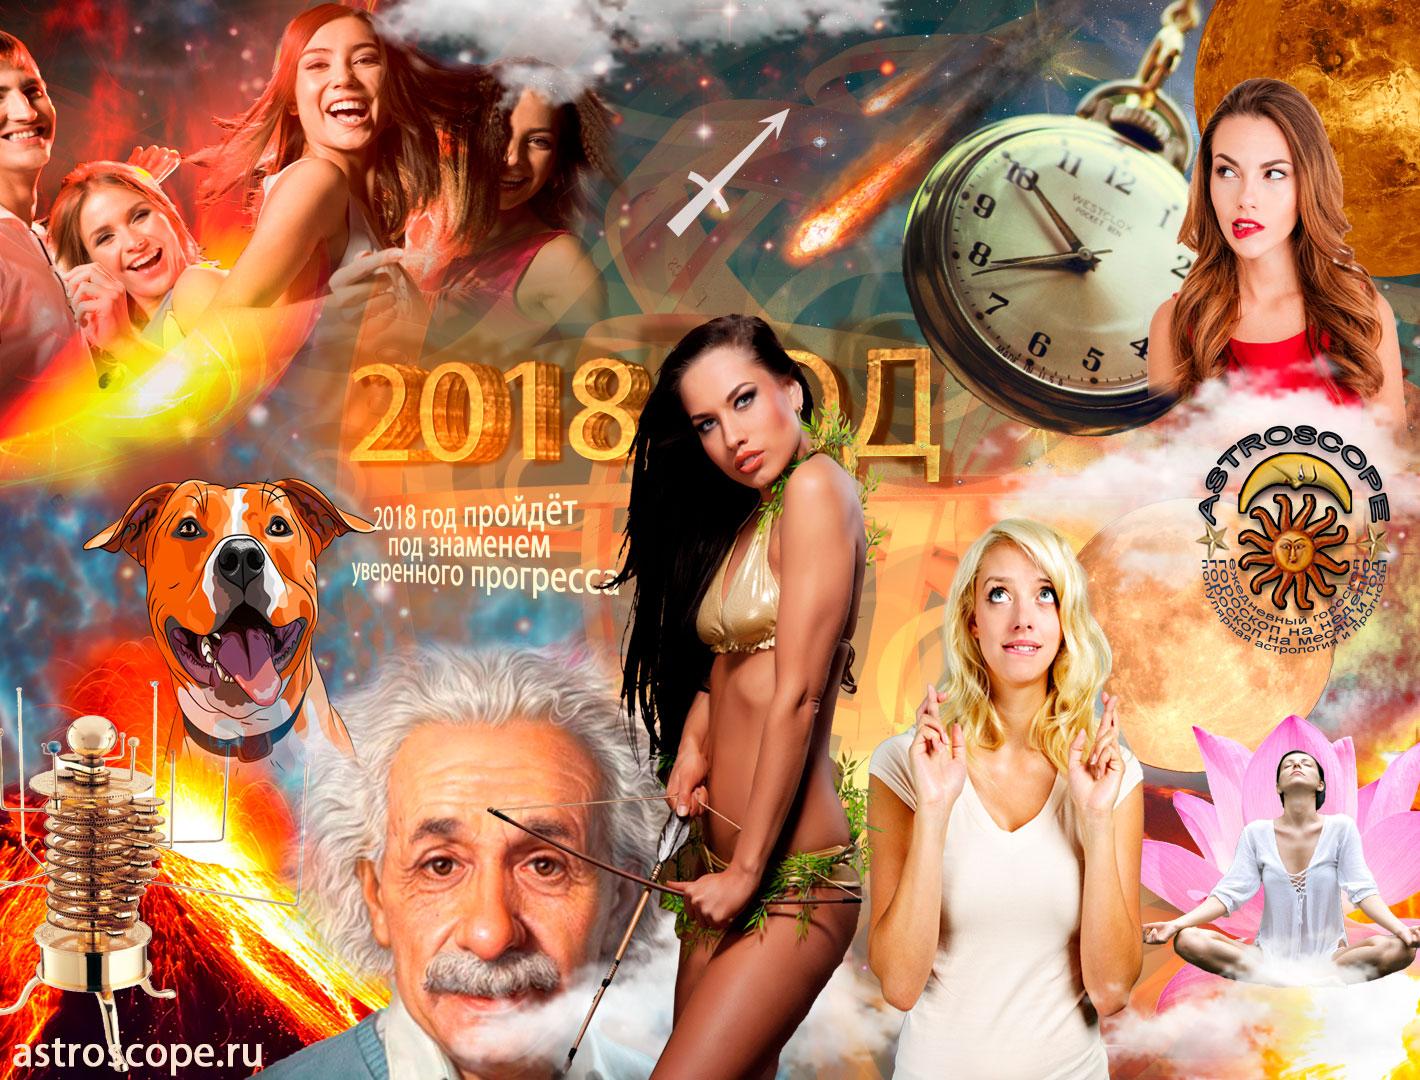 Гороскоп на 2018 Стрелец, что ждёт Стрельцов в 2018 году